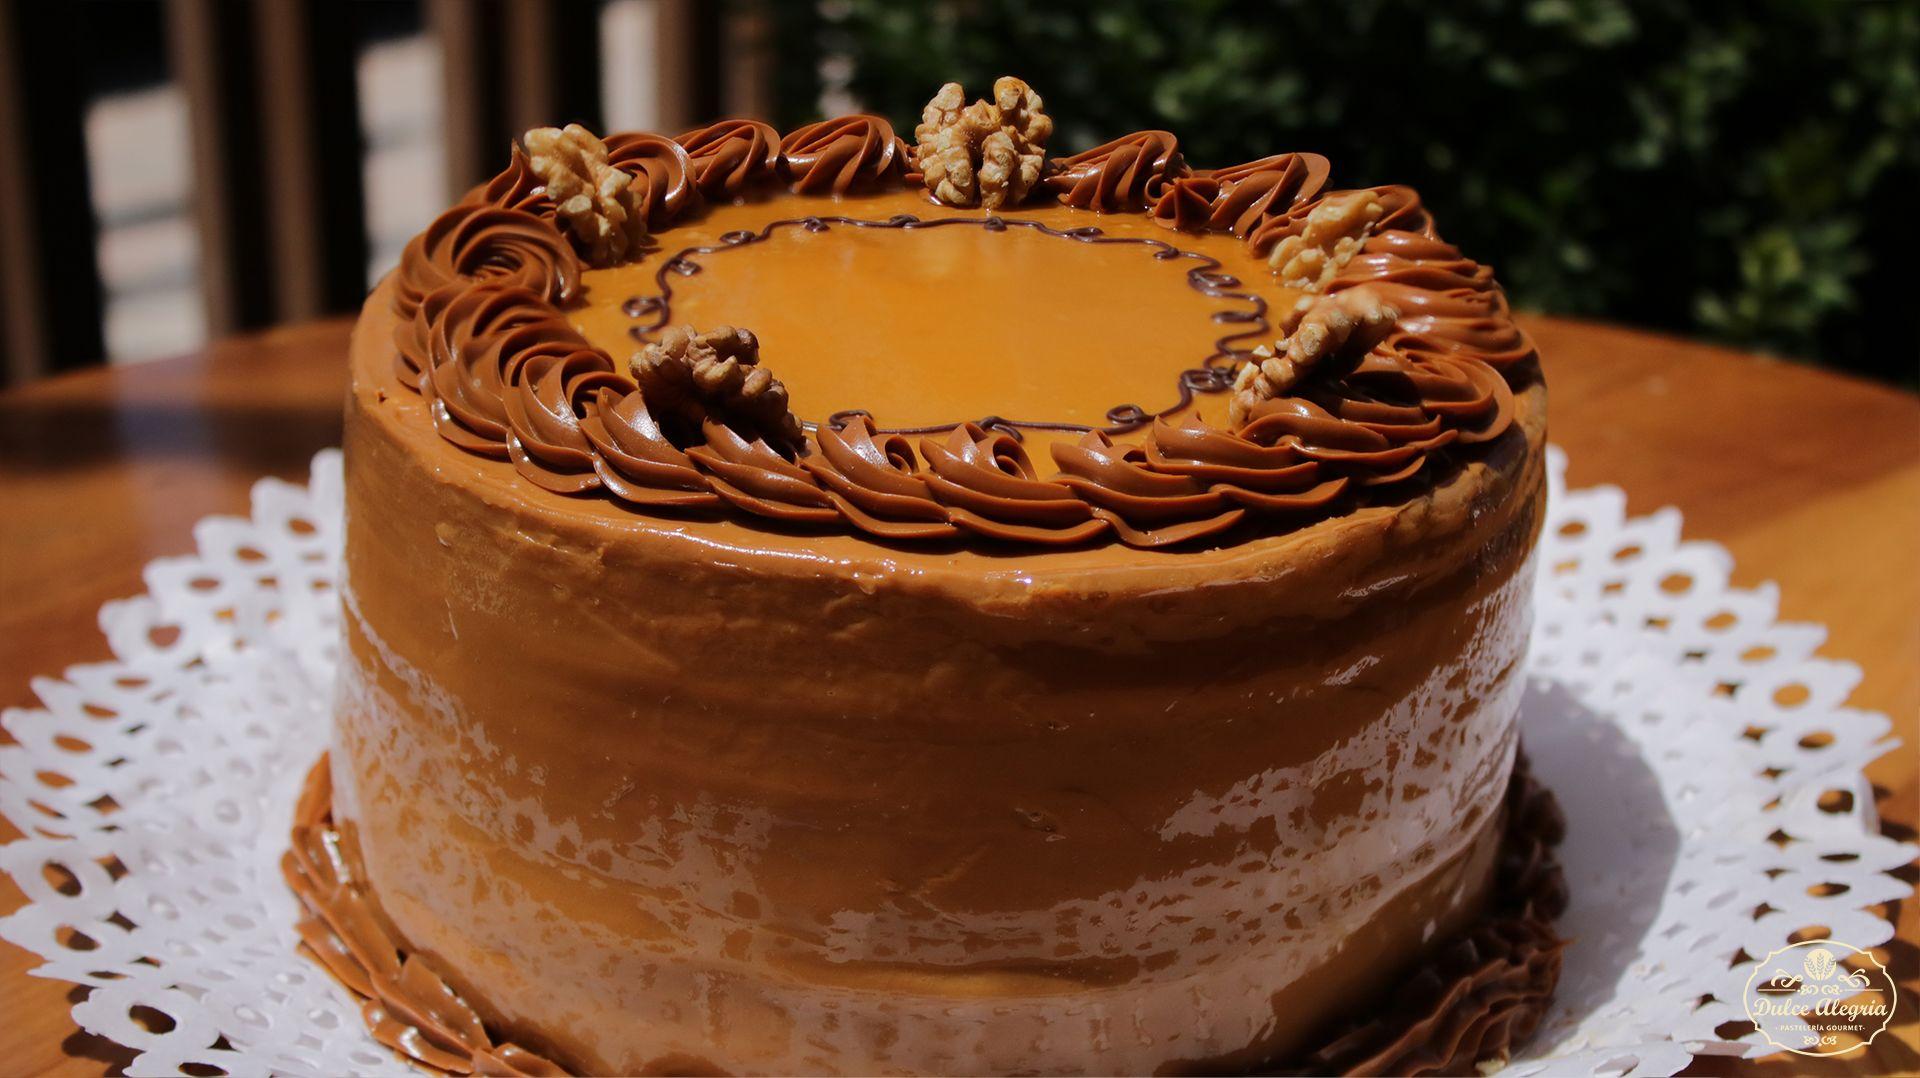 Torta Panqueque Manjar Lúcuma Nuez